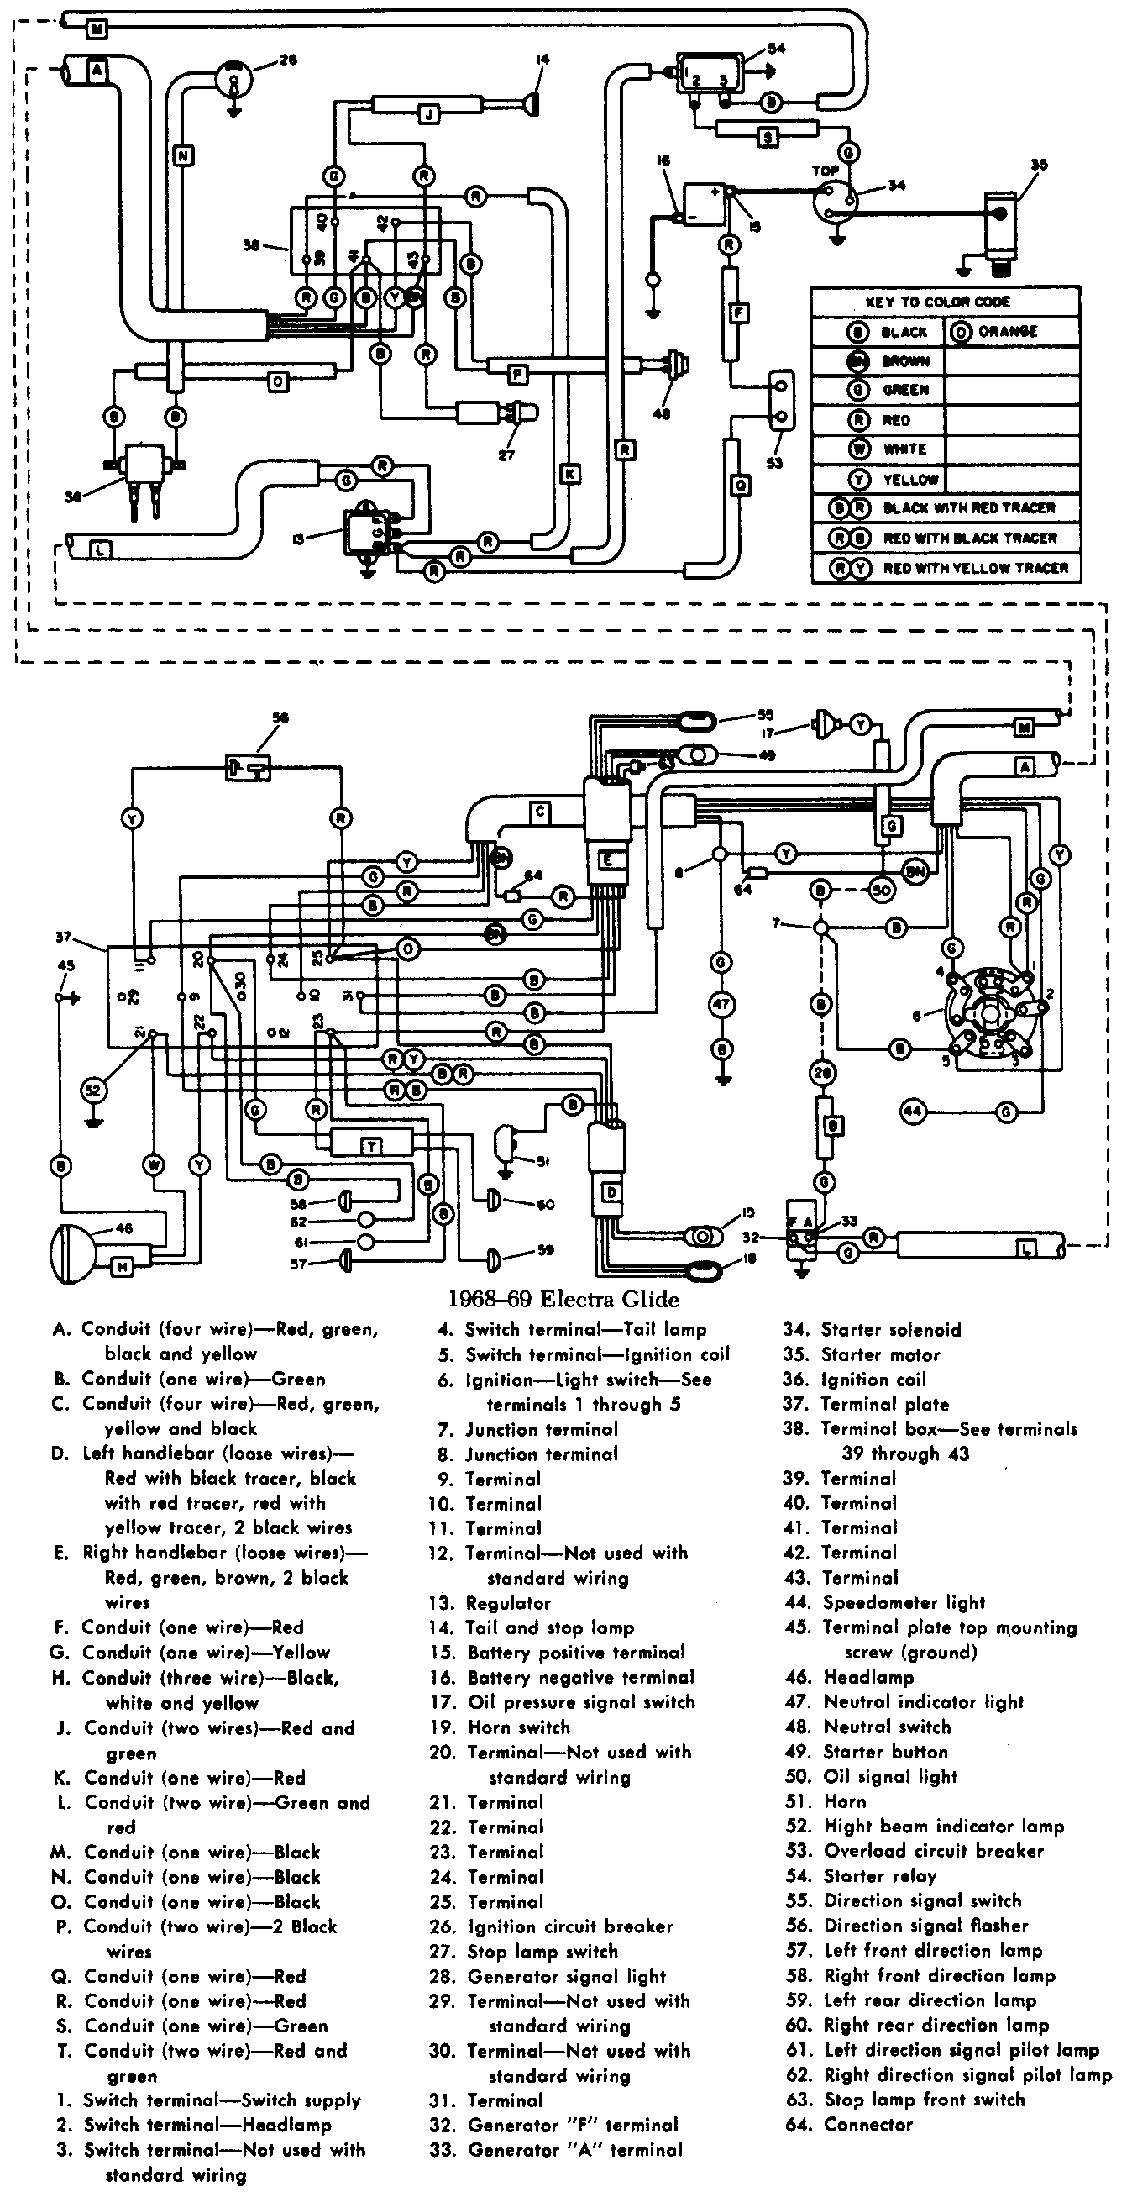 1990 Harley Davidson Radio Wiring Diagram 300zx Engine Bay Diagram Bosecar Yenpancane Jeanjaures37 Fr